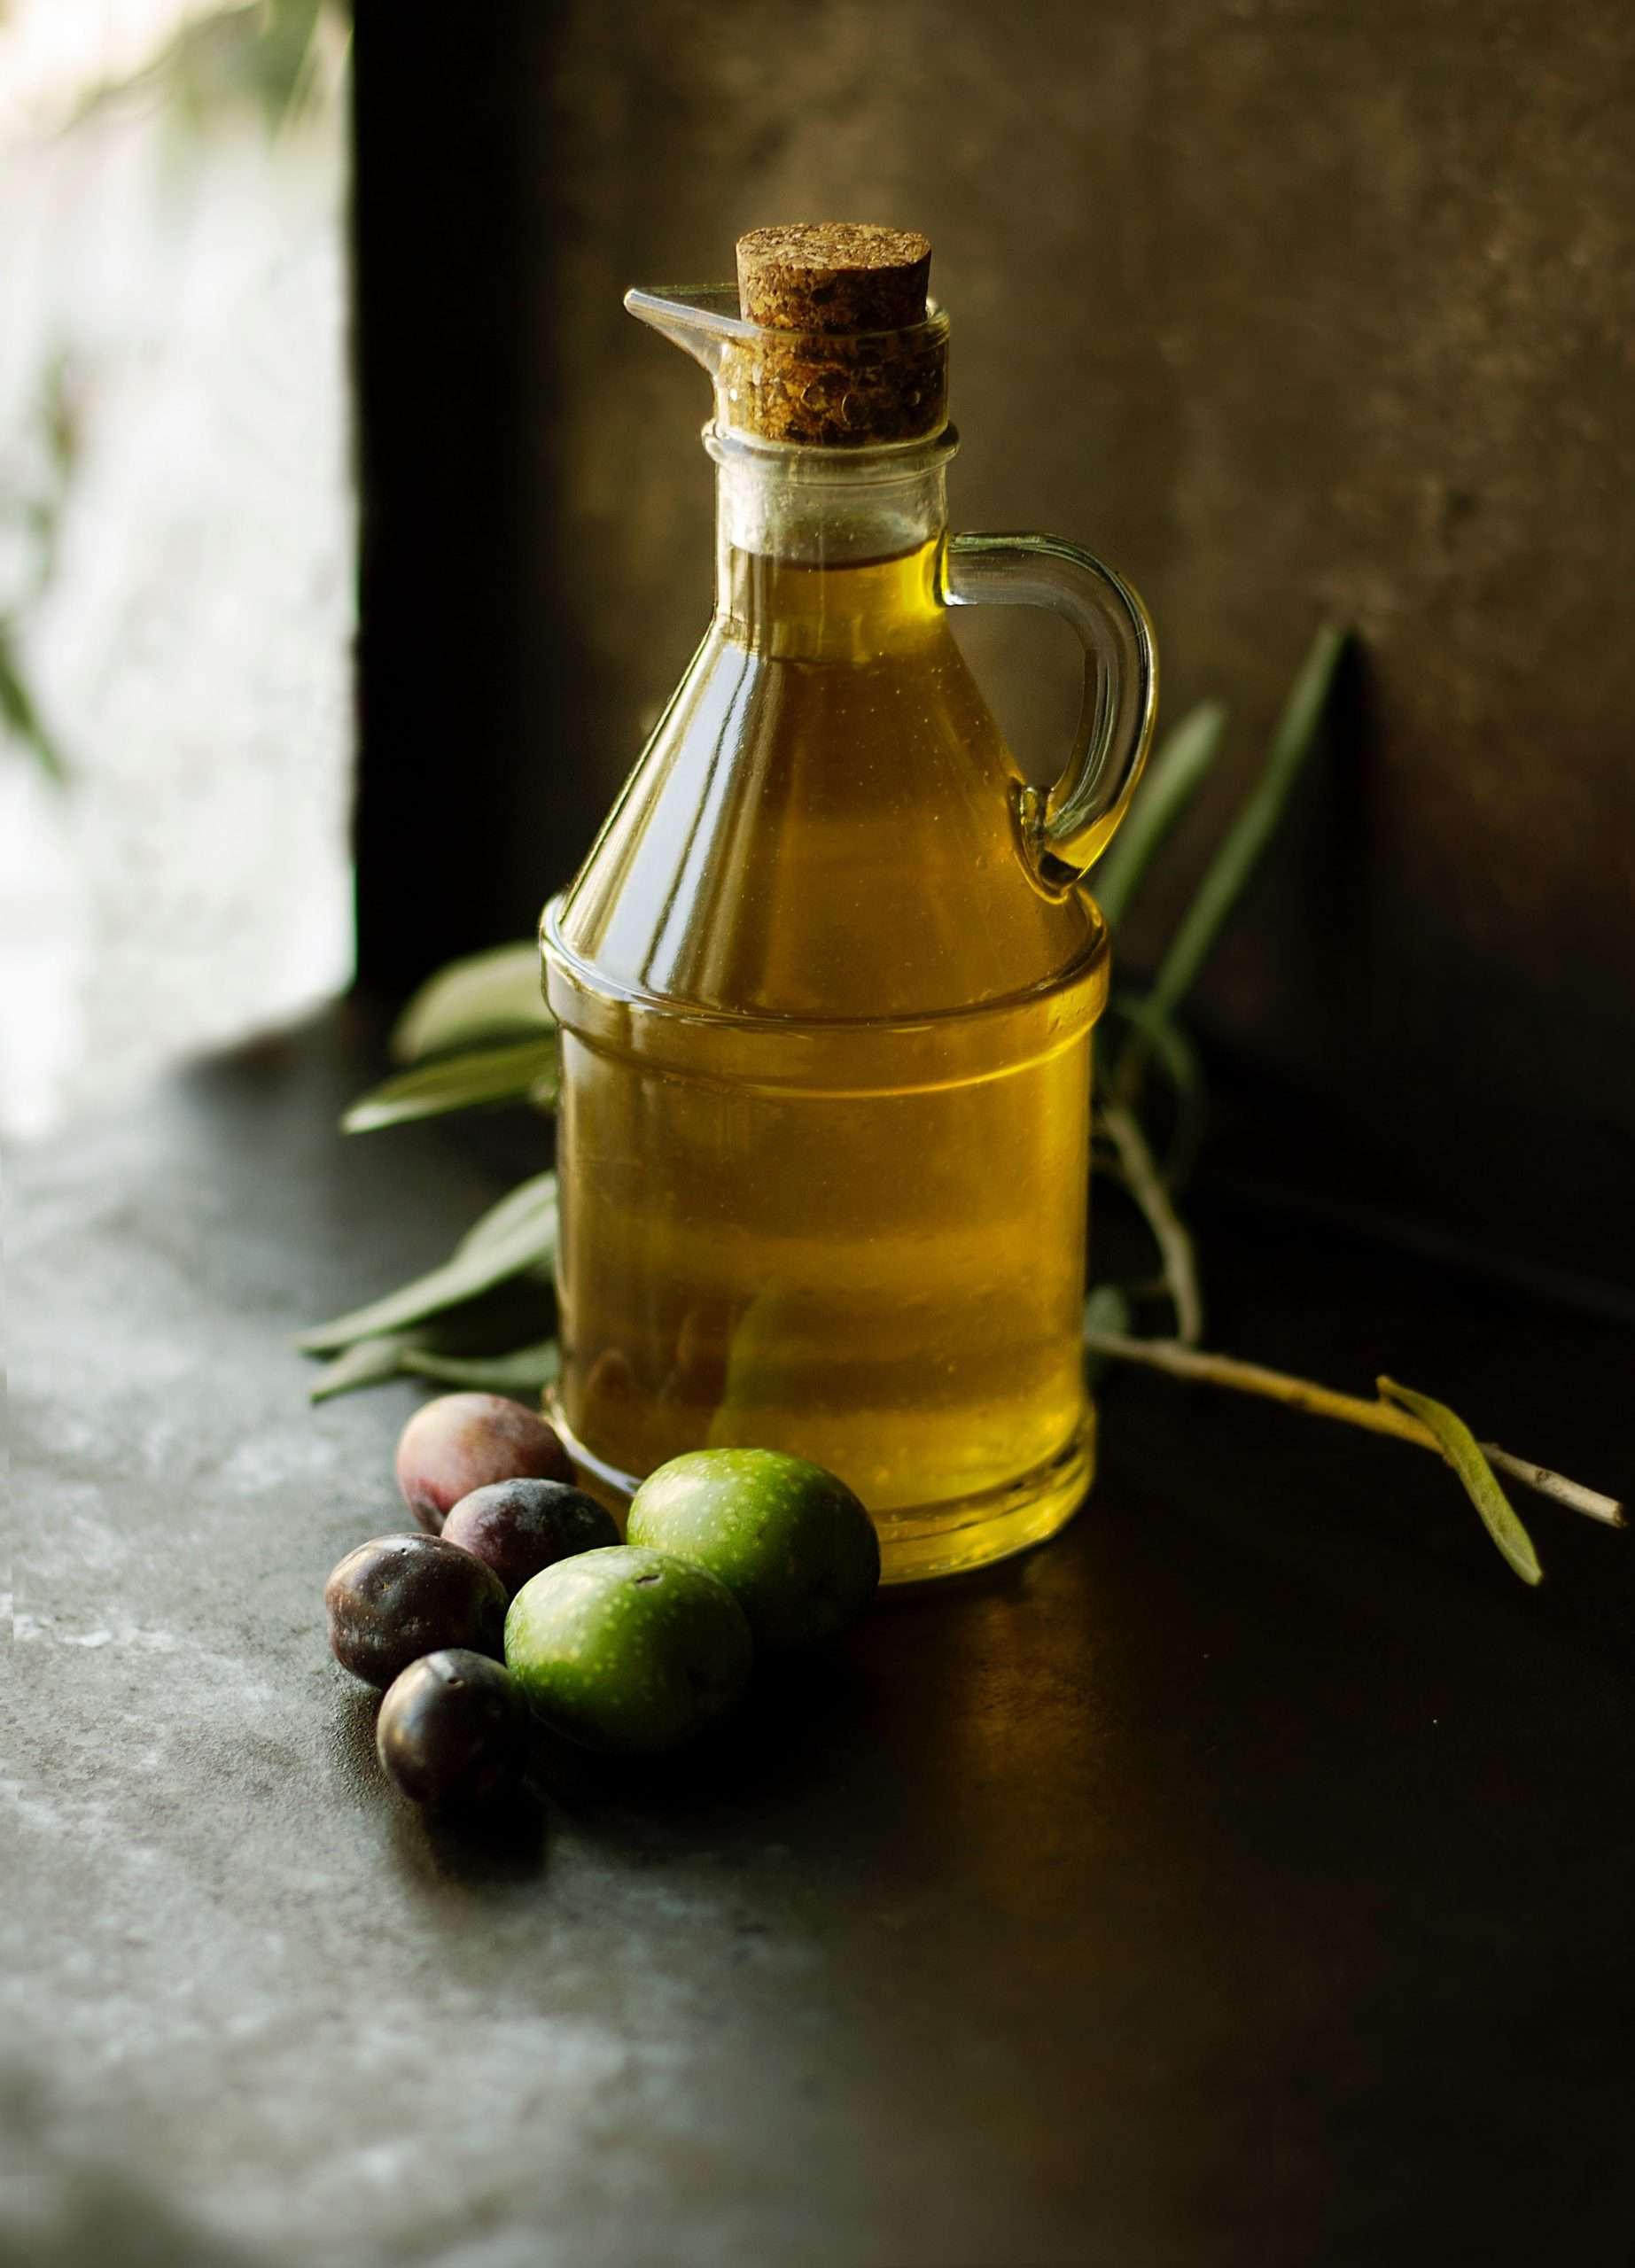 Dùng dầu ô liu để dưỡng tóc hiệu quả